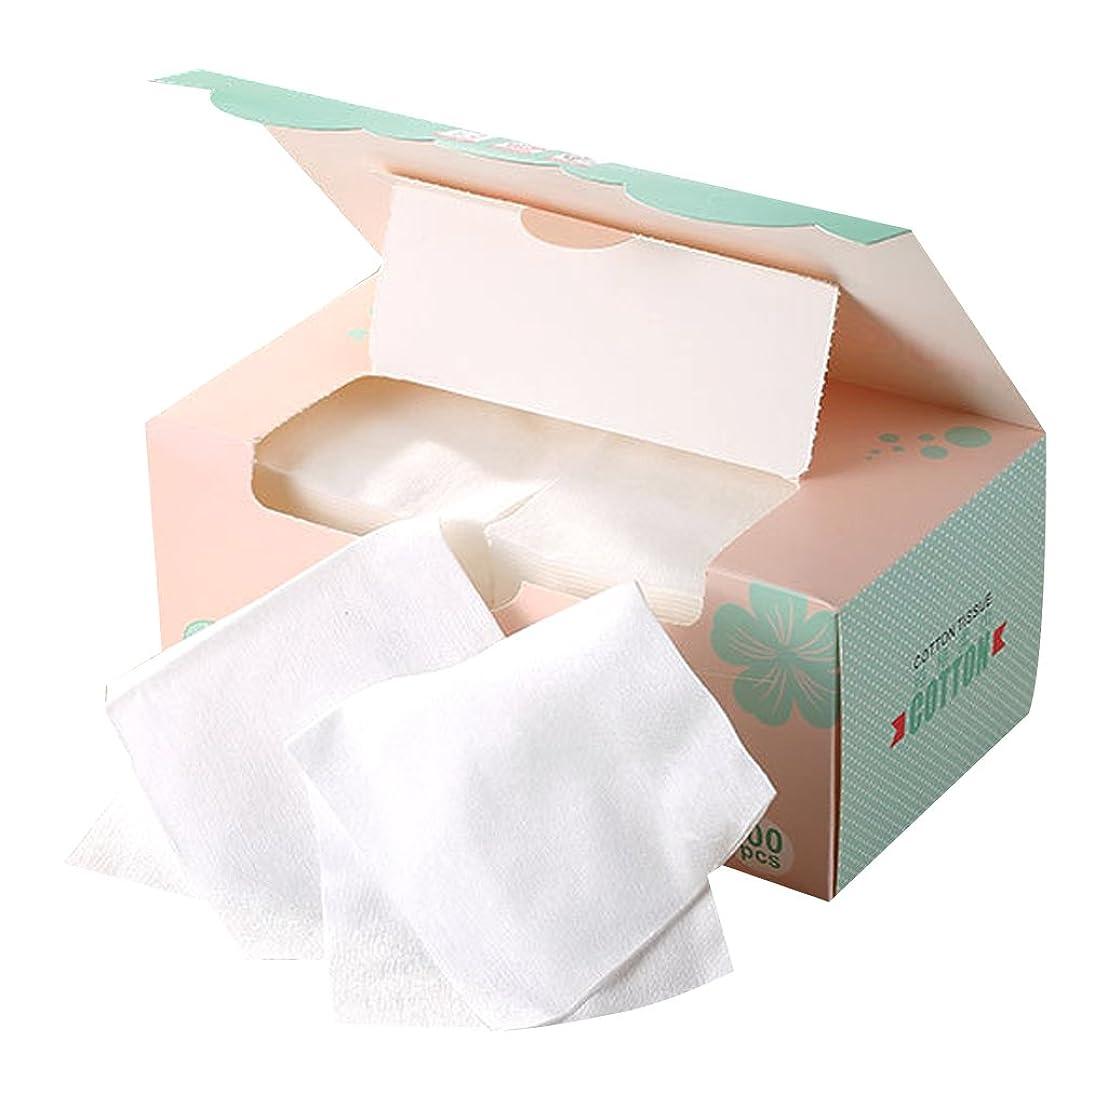 誘導ダース寝てるSM SunniMix メイクリムーバー 使い捨て フェイスタオル 顔用タオル メイク落とし 美容院 家庭 個人 適用